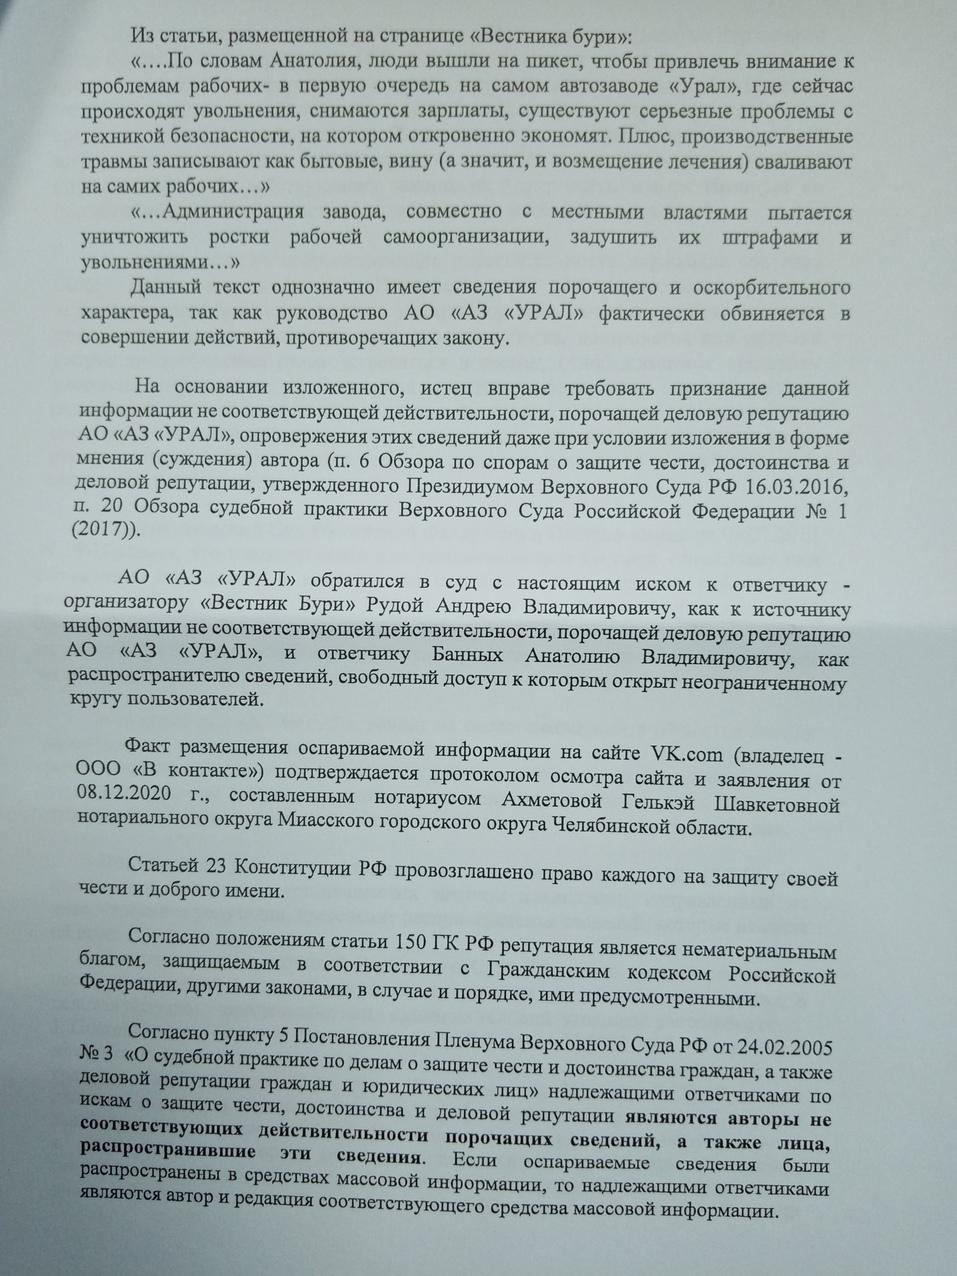 Поймали на слове. Уральский автозавод подал в суд на нижегородского блогера 2